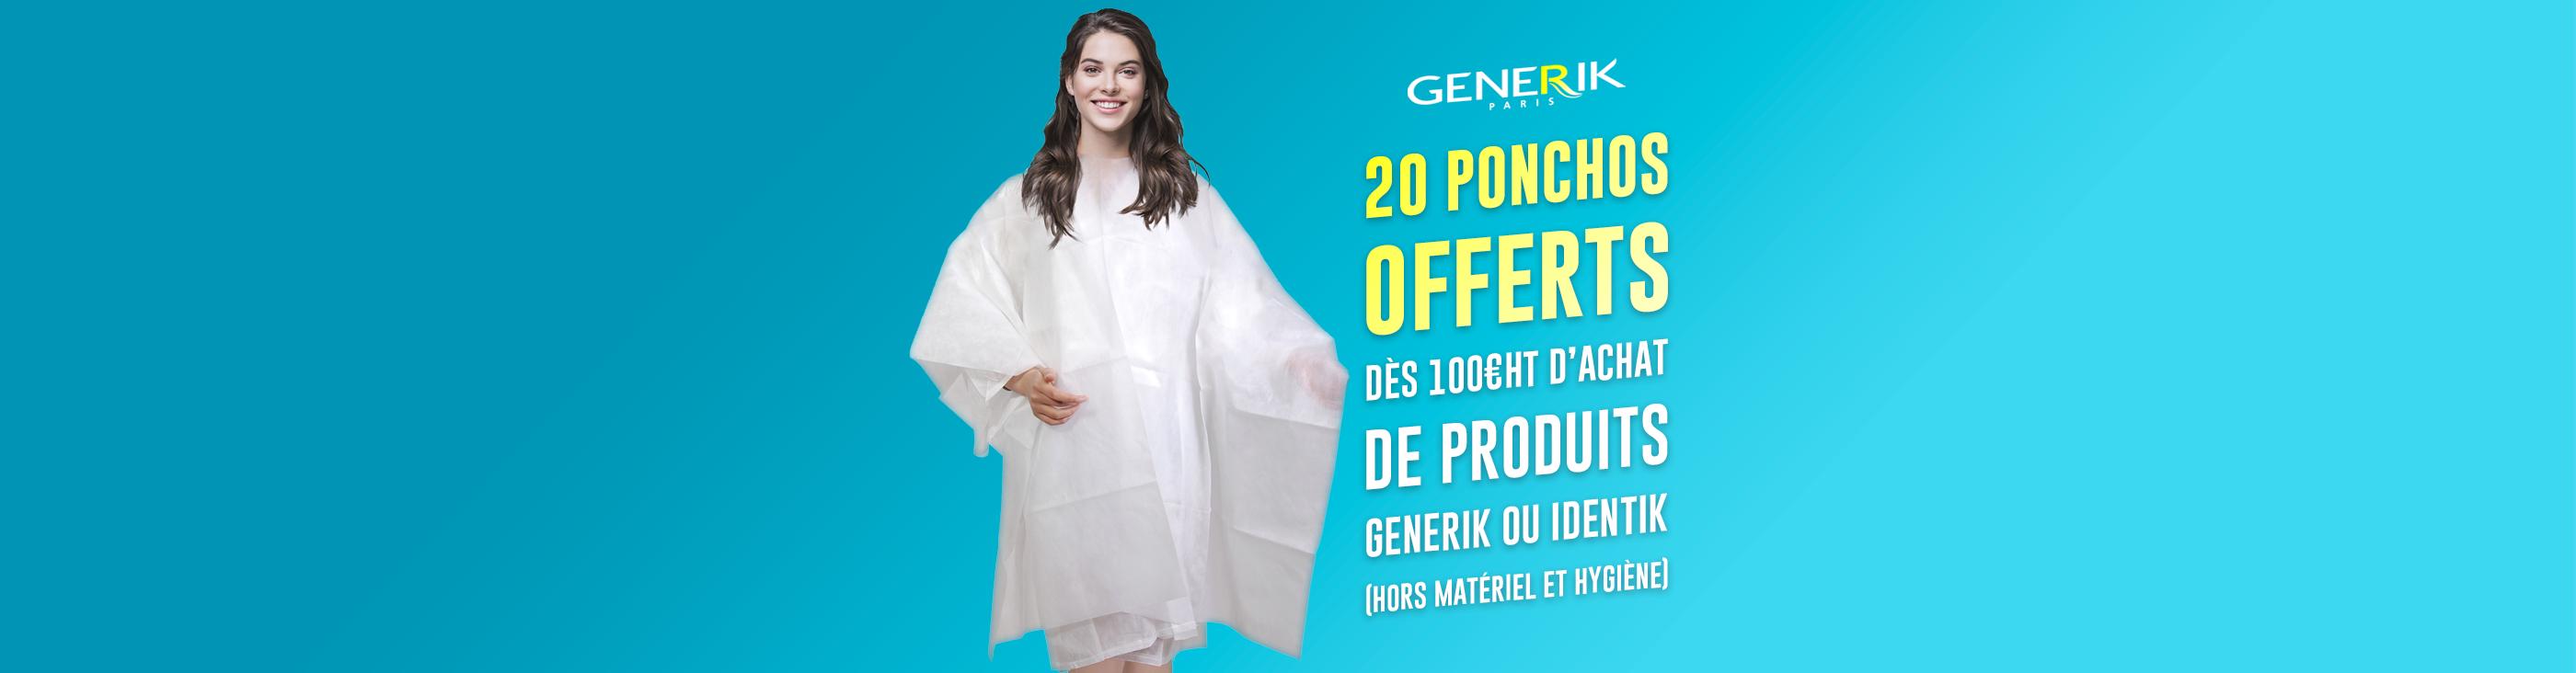 PROMO : 20 ponchos jetables offerts dès 100€ht d'achat de produits GENERIK ou Identik (hors matériel et hygiène)